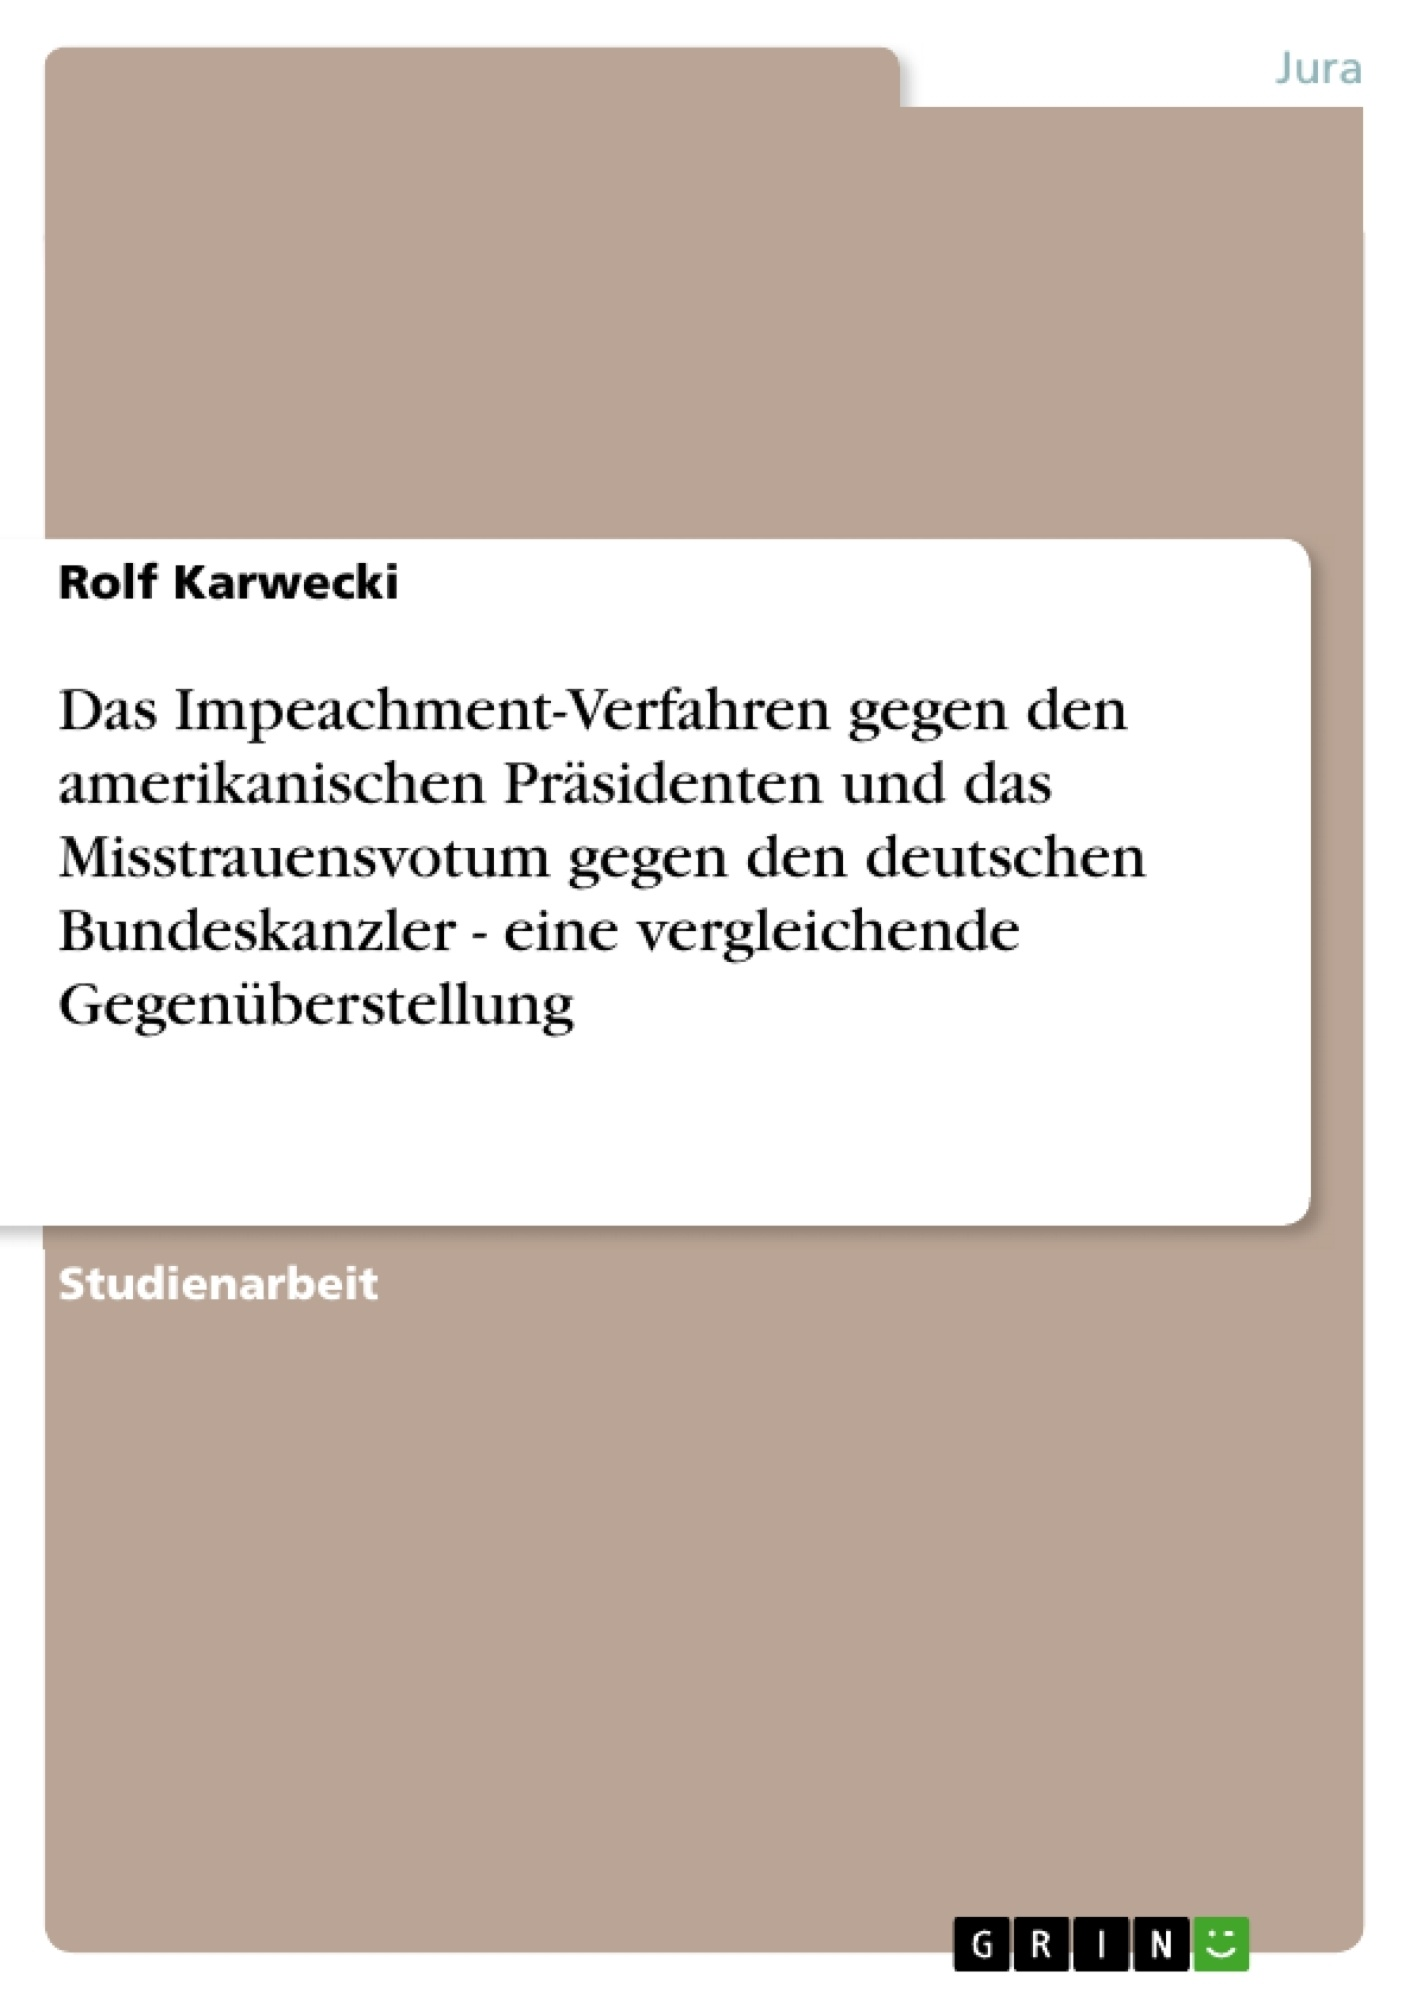 Titel: Das Impeachment-Verfahren gegen den amerikanischen Präsidenten und das Misstrauensvotum gegen den deutschen Bundeskanzler - eine vergleichende Gegenüberstellung